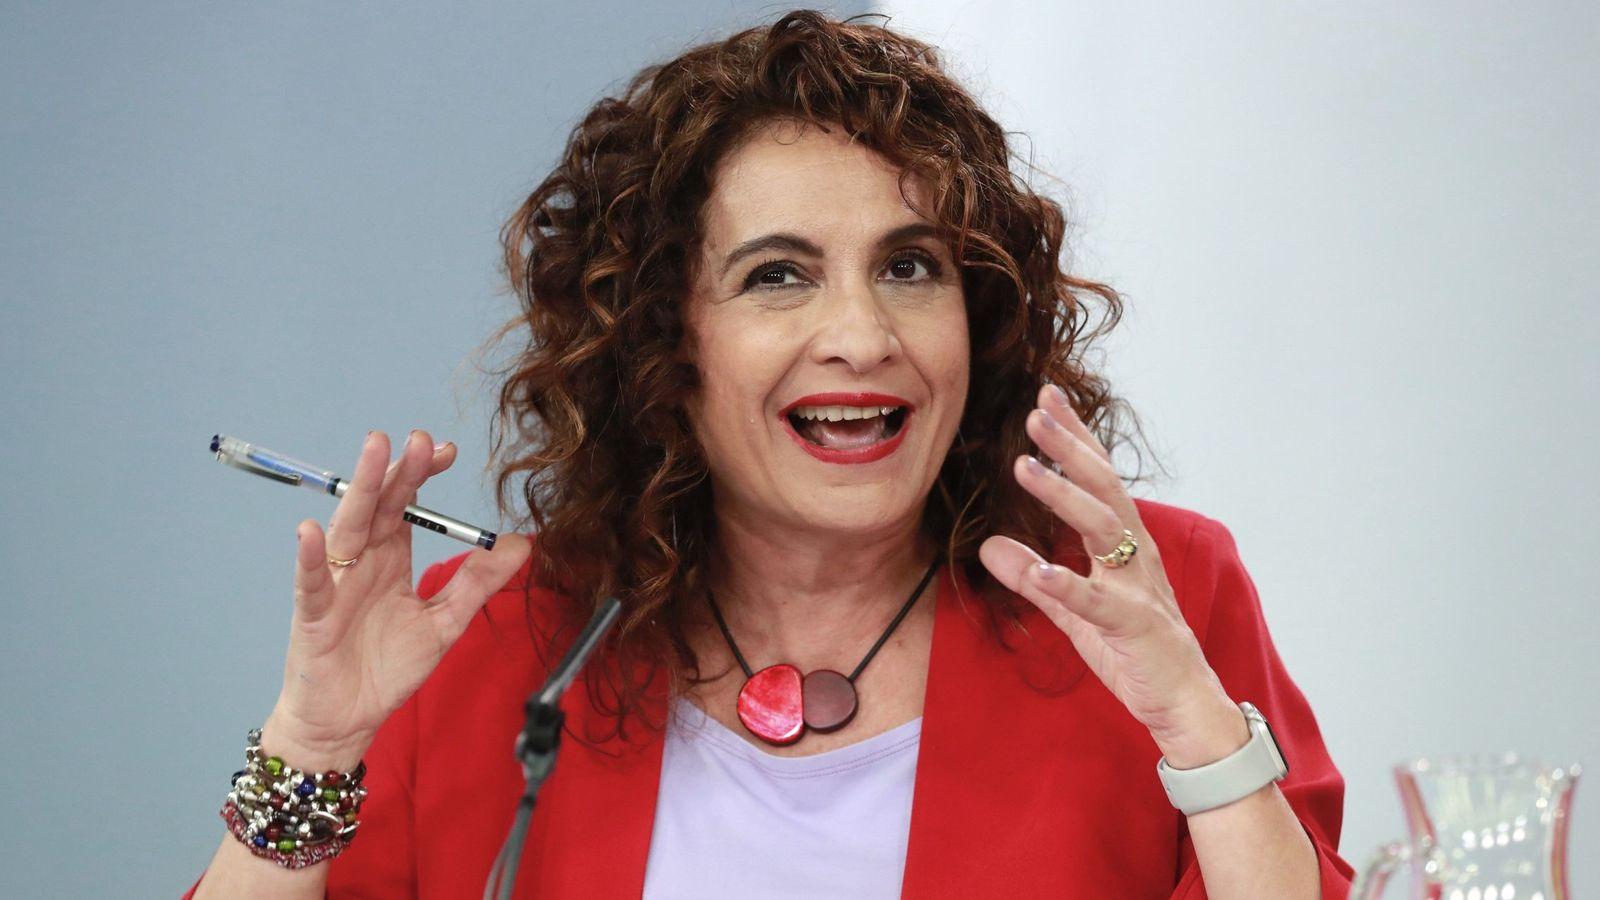 Foto: La ministra de Hacienda, María Jesús Montero. El proyecto de Ley de los Presupuestos apunta a que las sicav serán reguladas por este Ministerio. (EFE)